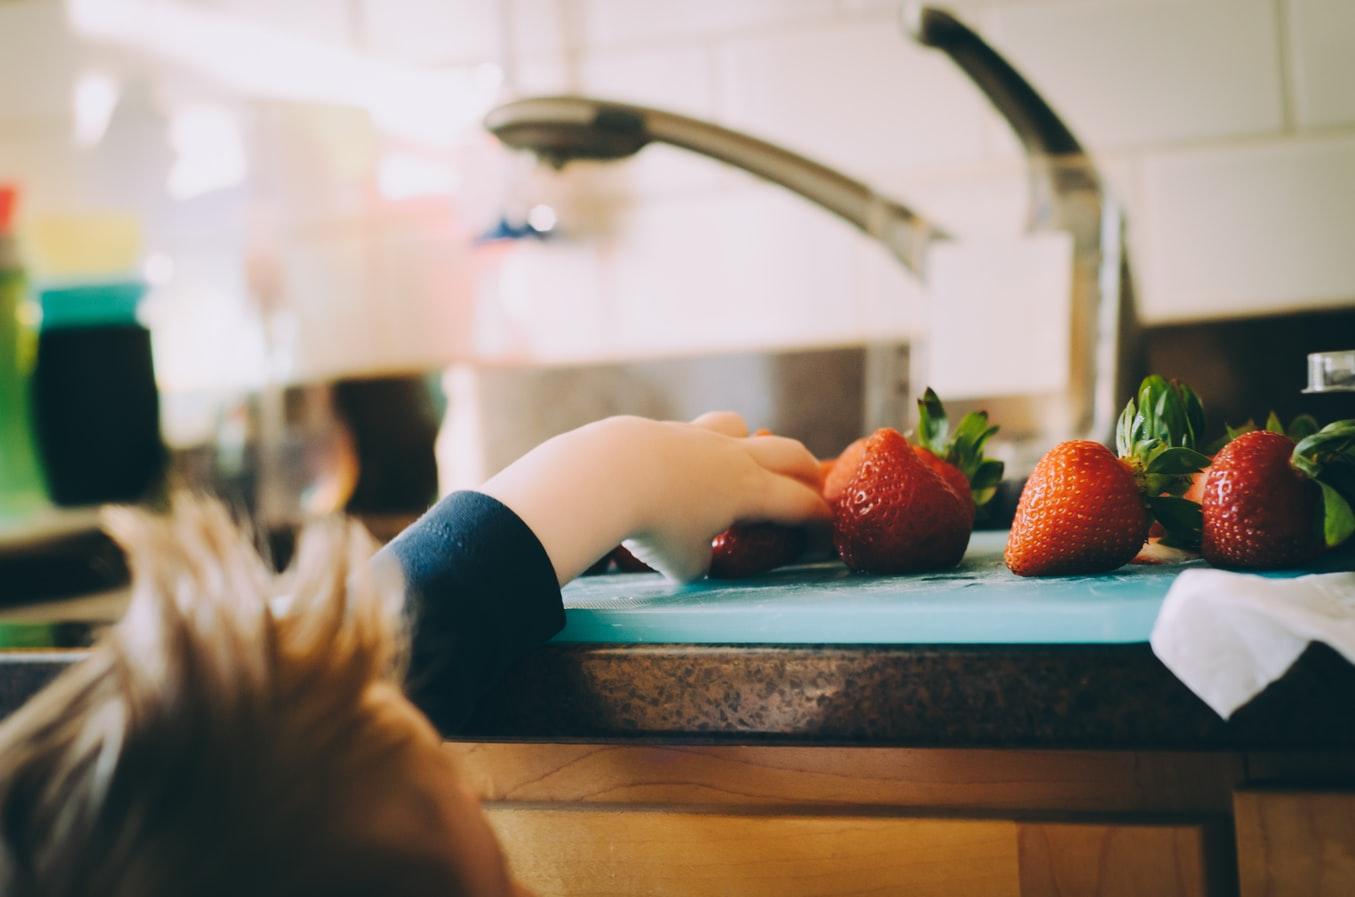 Dovoľte deťom potraviny dokonale preskúmať. / Zdroj: Unsplash